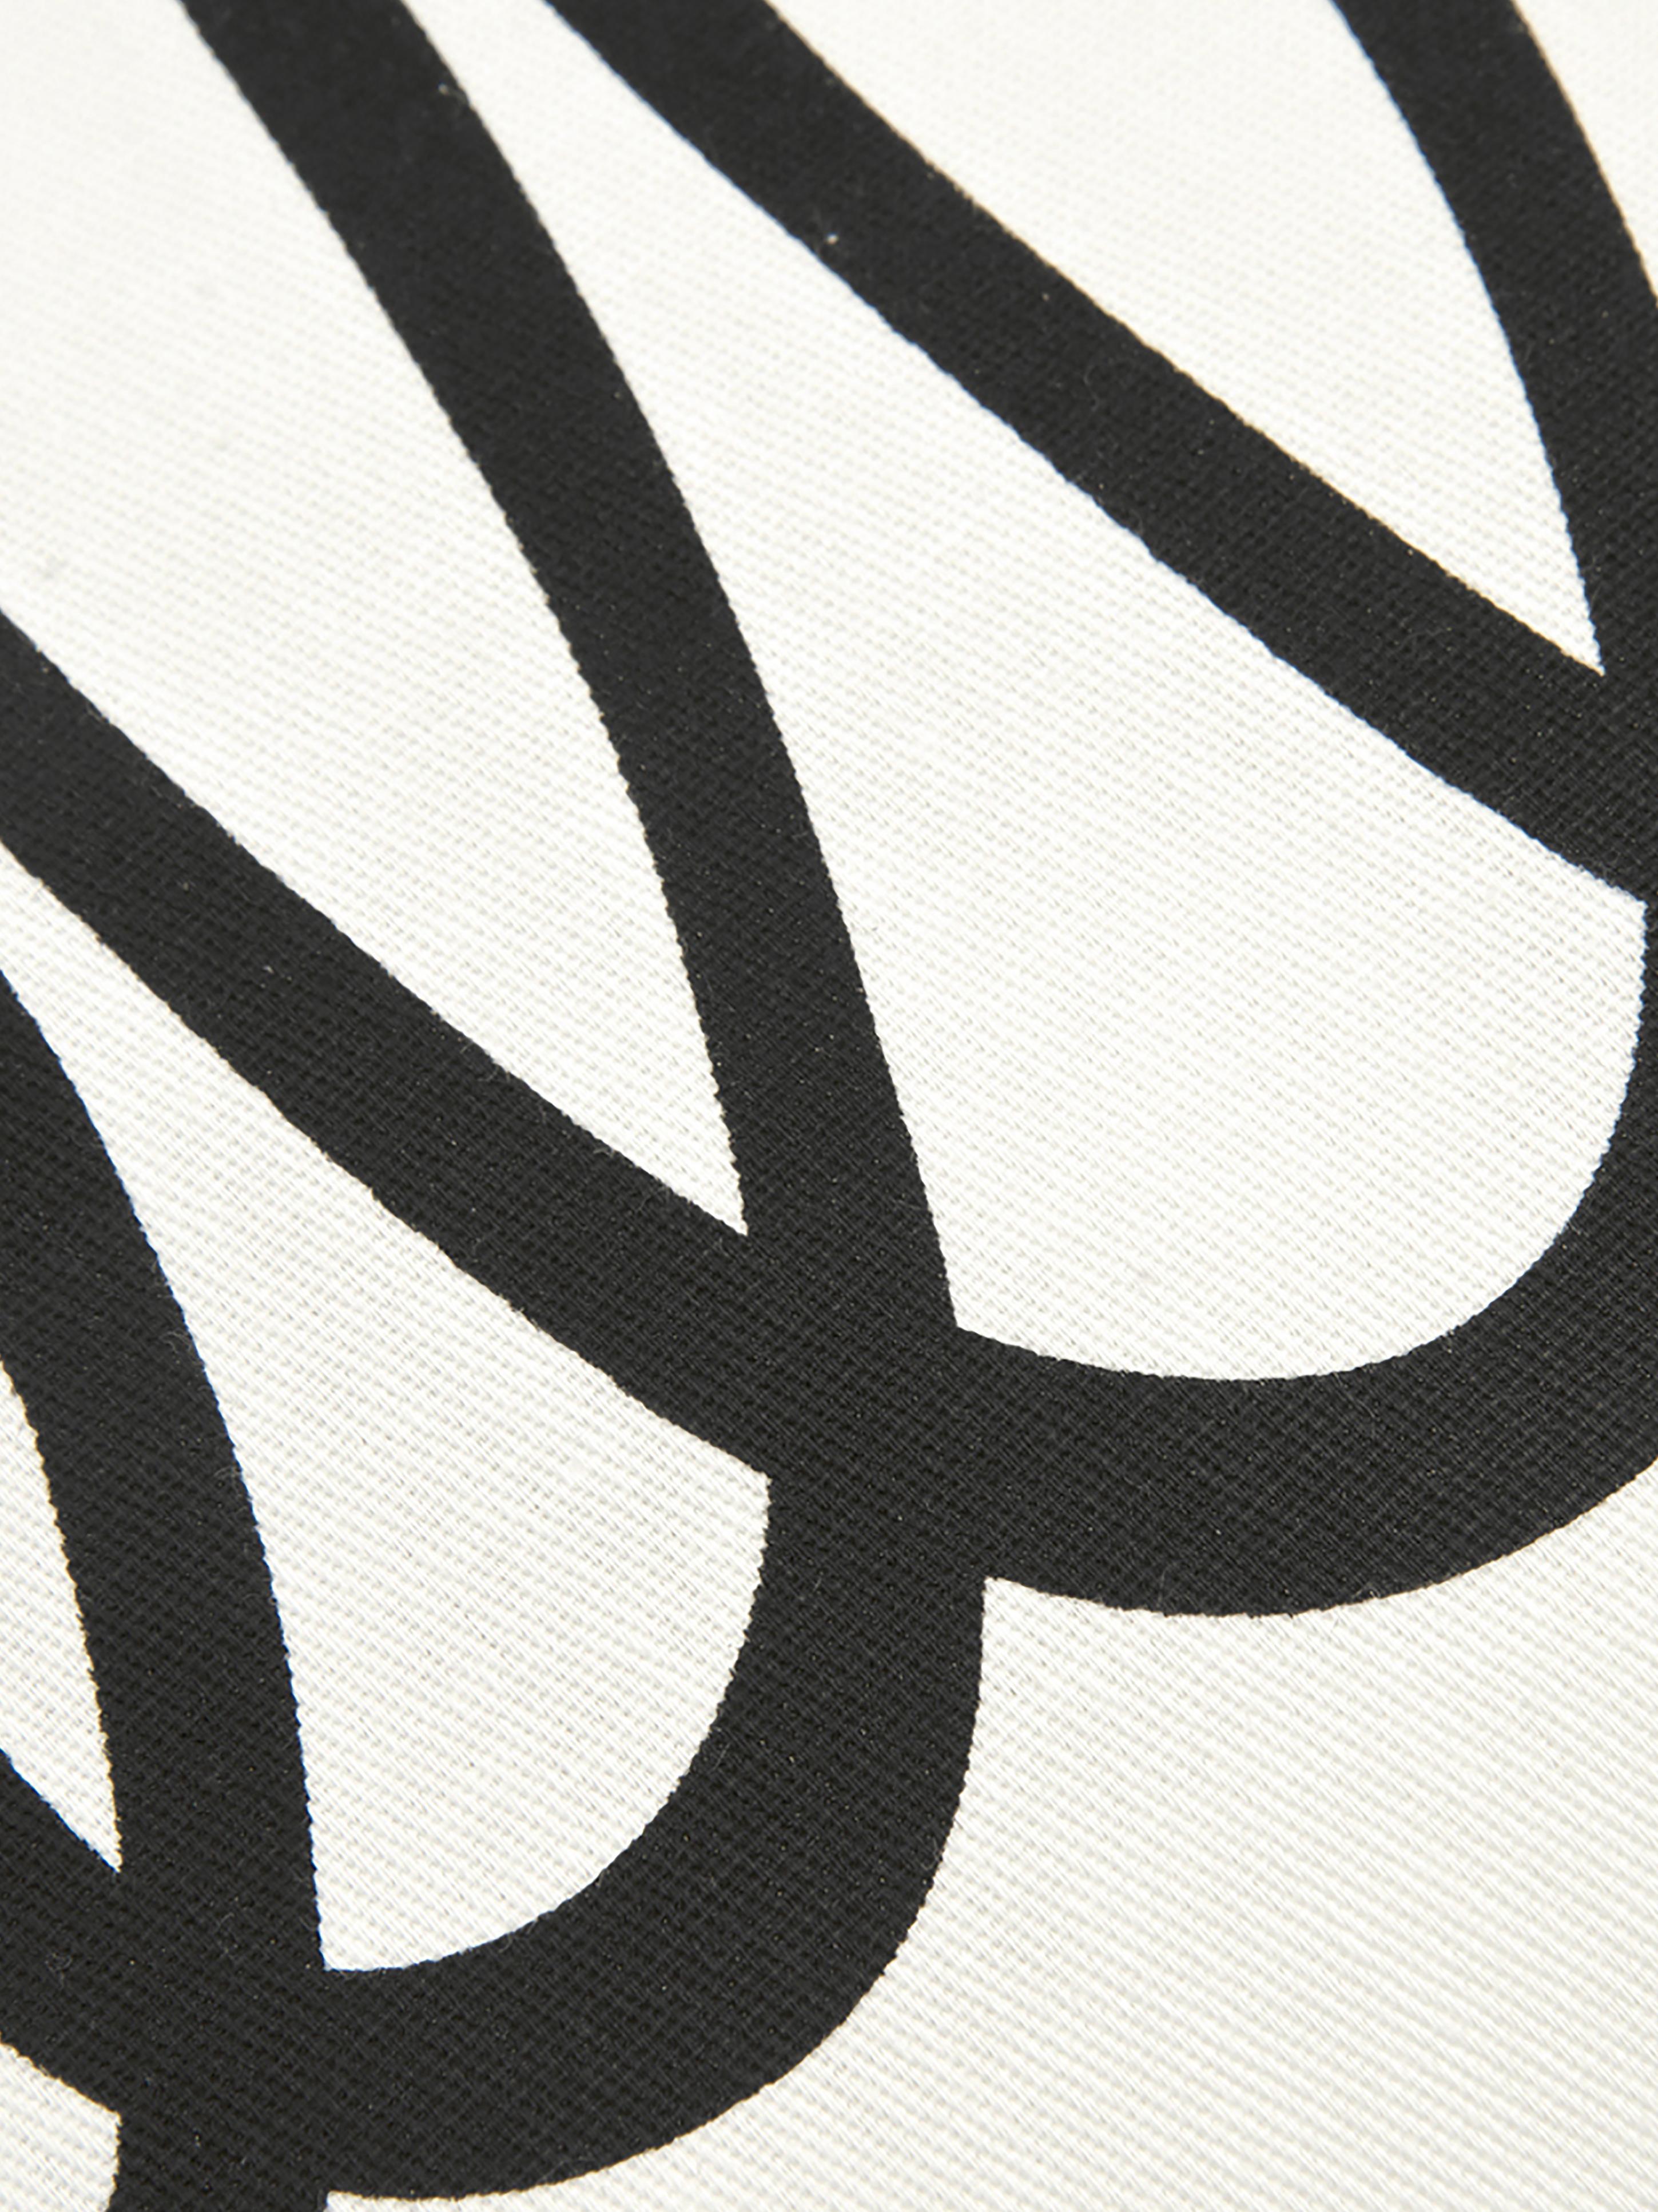 Kissenhülle Hello mit Schriftzug in Schwarz/Weiß, 100% Baumwolle, Panamabindung, Schwarz, Cremeweiß, 40 x 40 cm